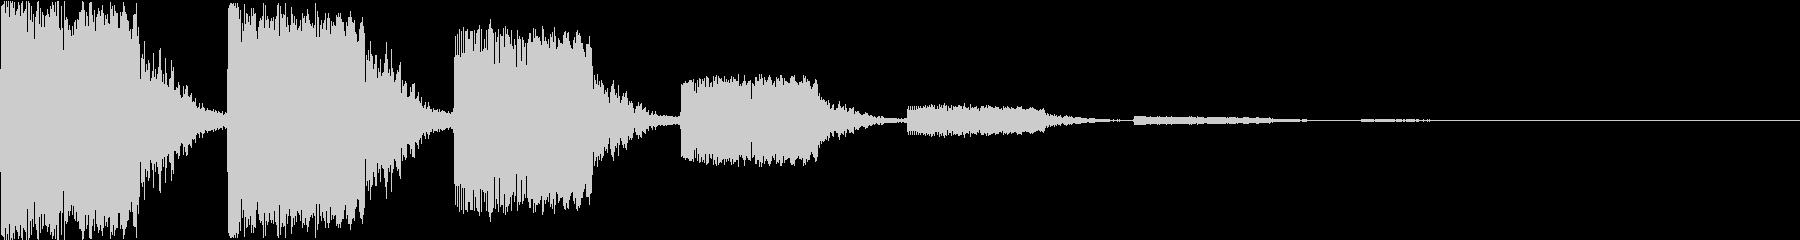 キュイーン:レトロなワープ音・瞬間移動bの未再生の波形